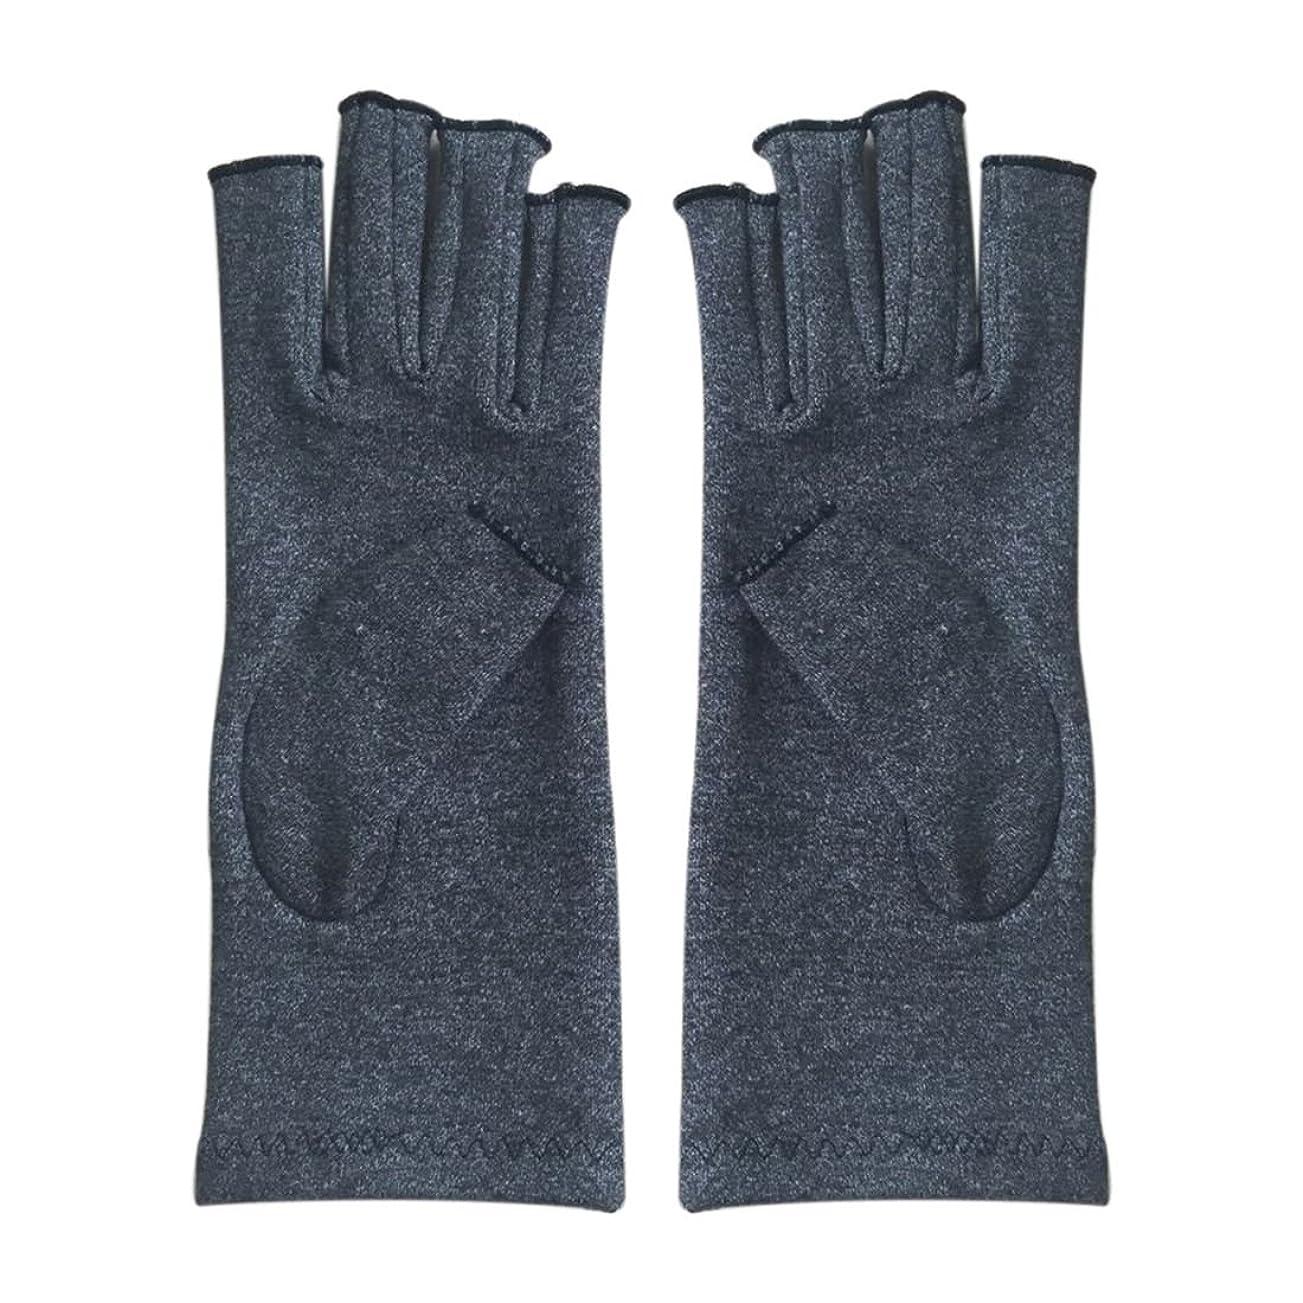 縮約損なうモトリーCUHAWUDBA 1ペア成人男性女性用弾性コットンコンプレッション手袋手関節炎関節痛鎮痛軽減M - 灰色、M